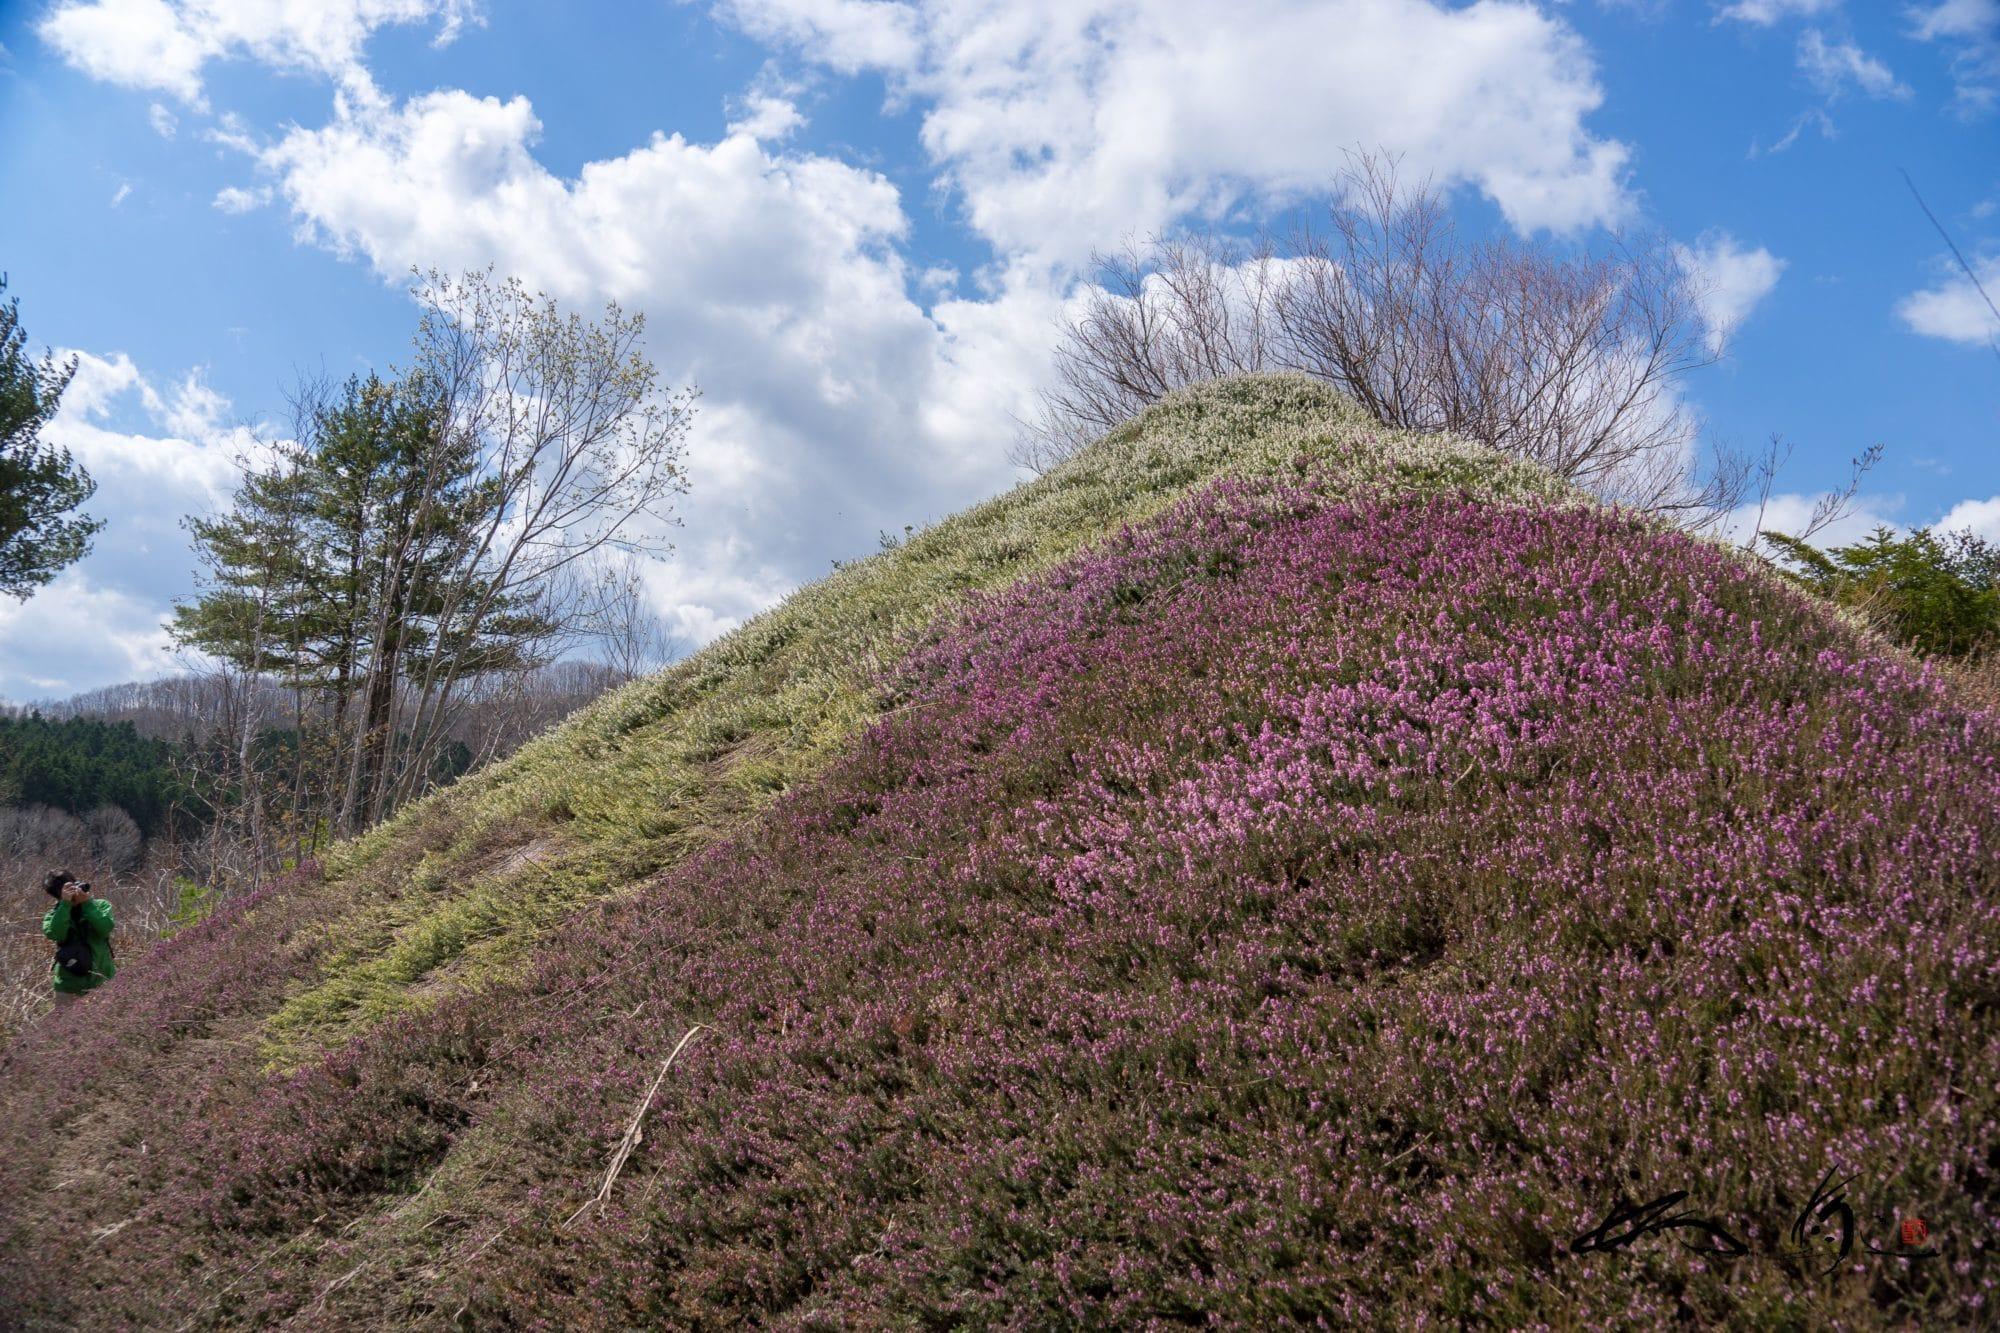 高橋武市さんの陽殖園(滝上町)は毎年4月29日に開園